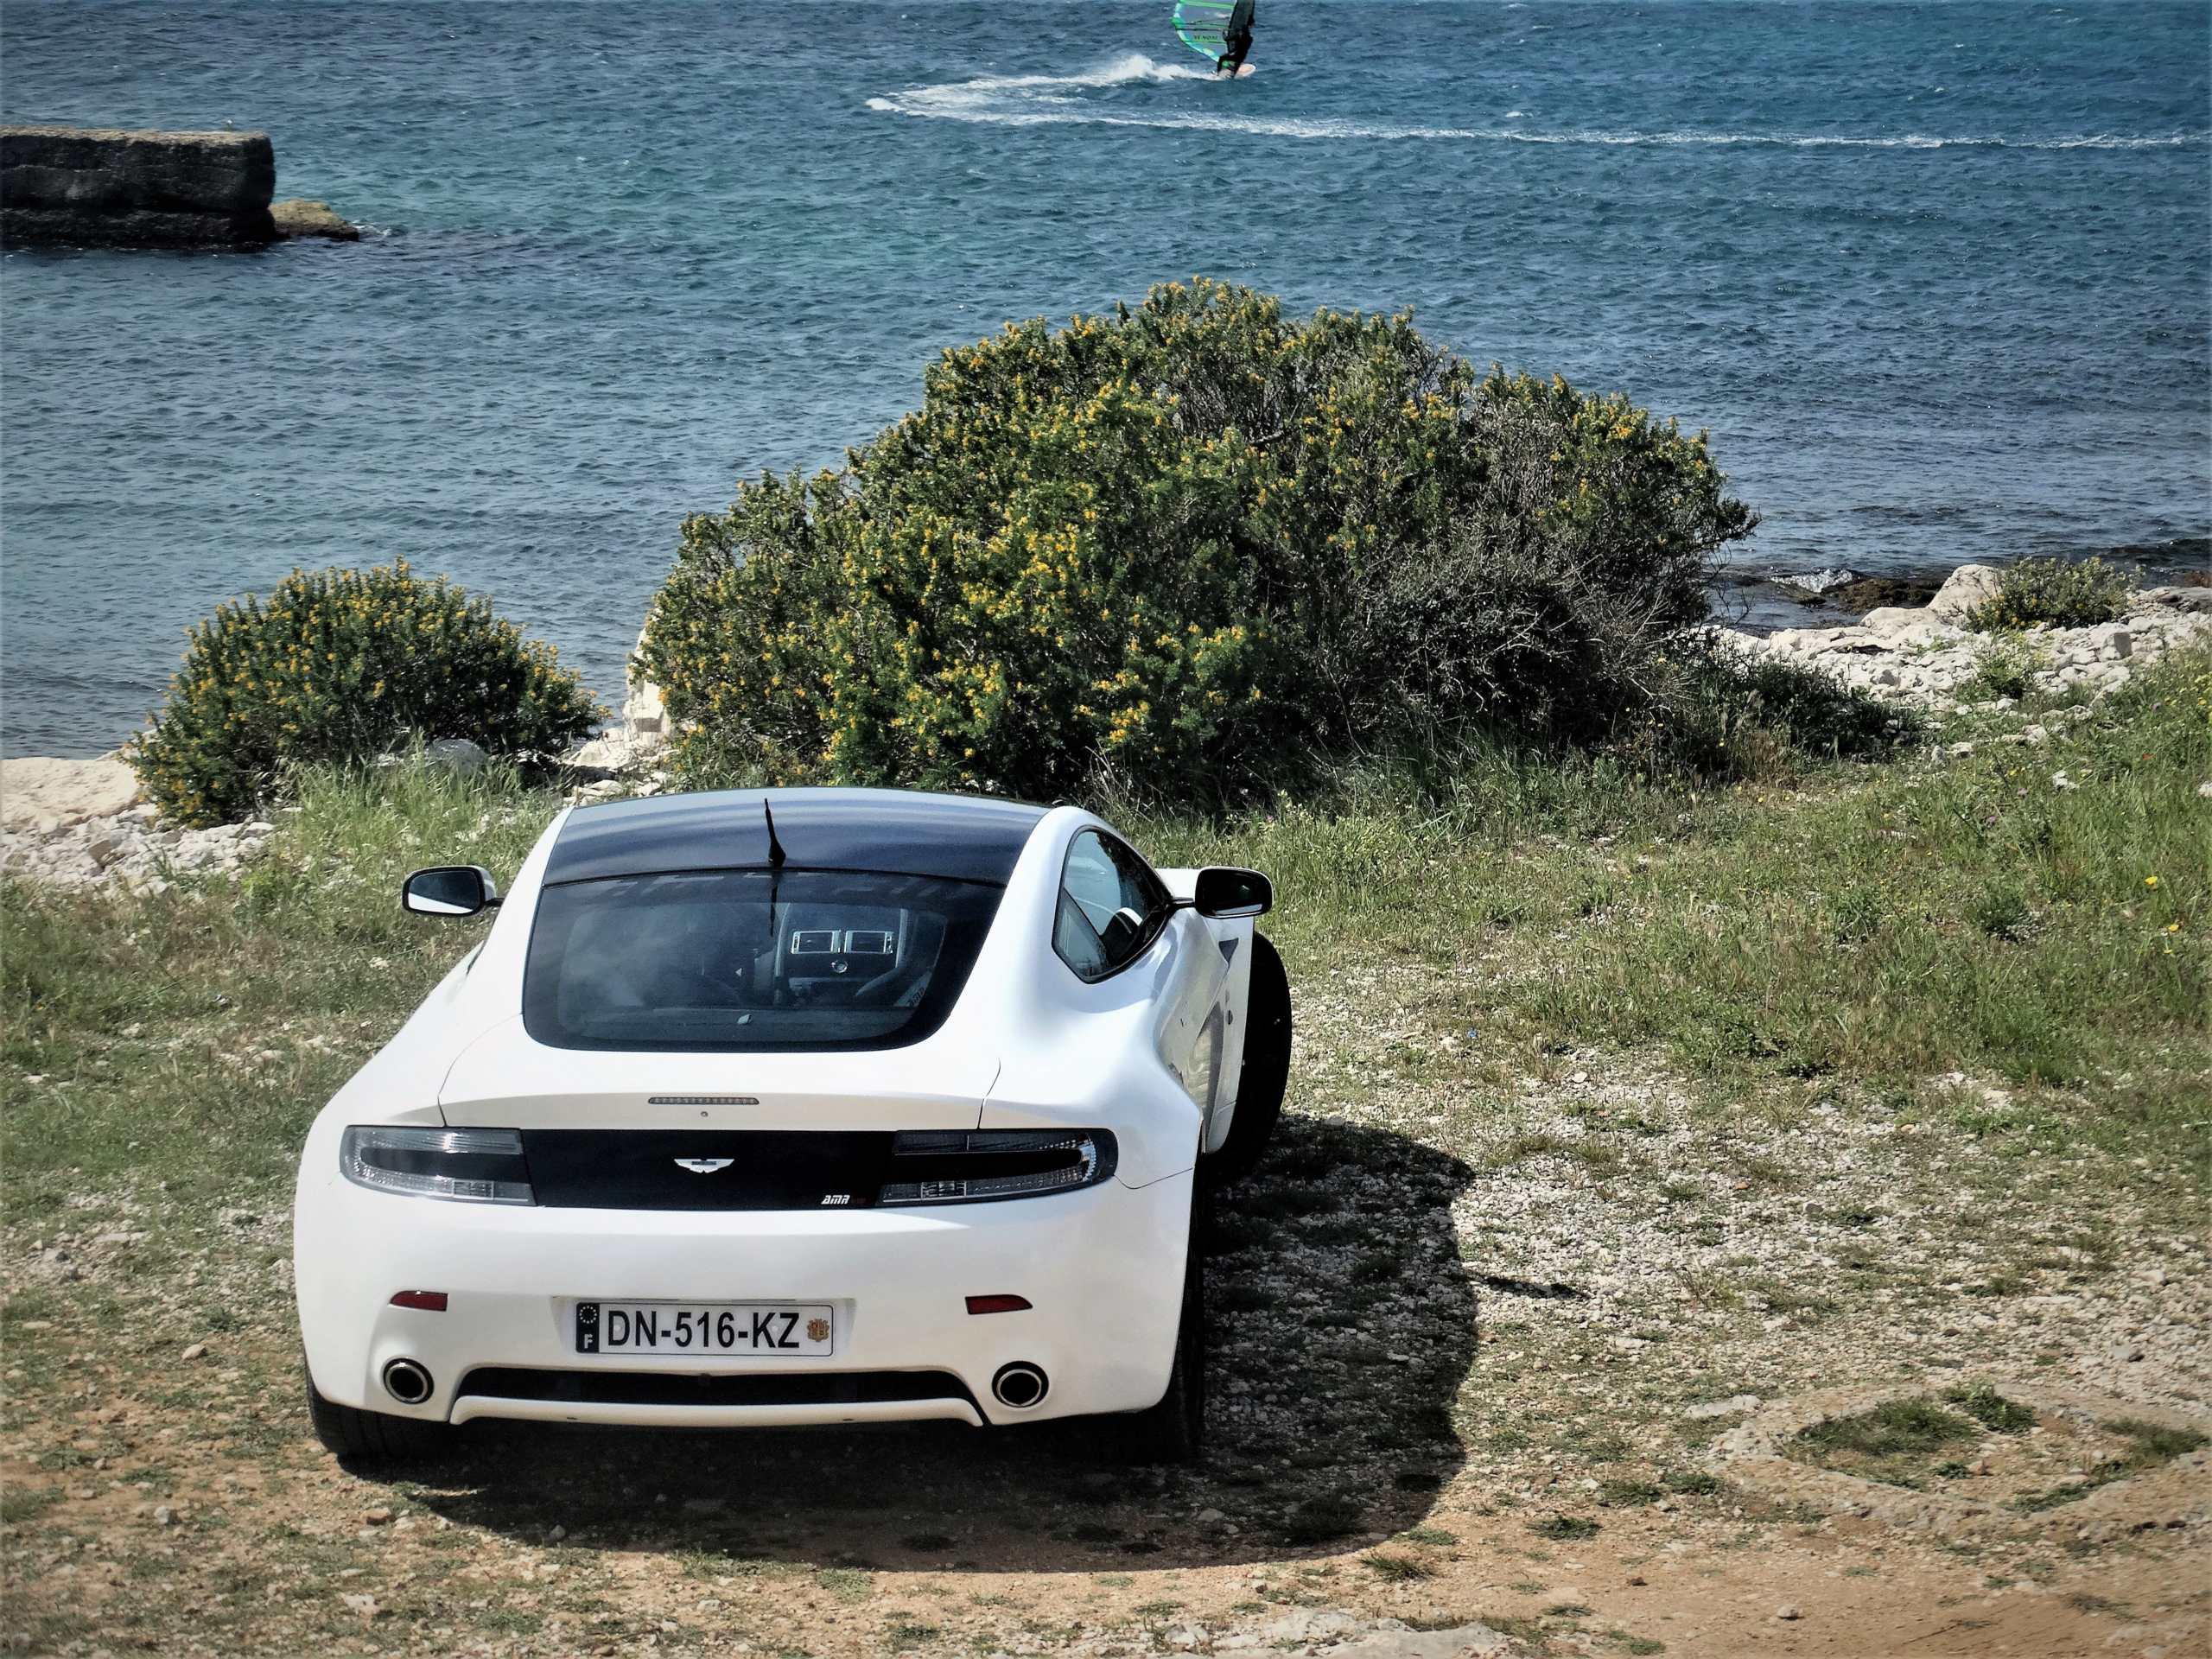 Ahhh Aston Martin...Le post officiel des Astons - Page 2 Dsc00612